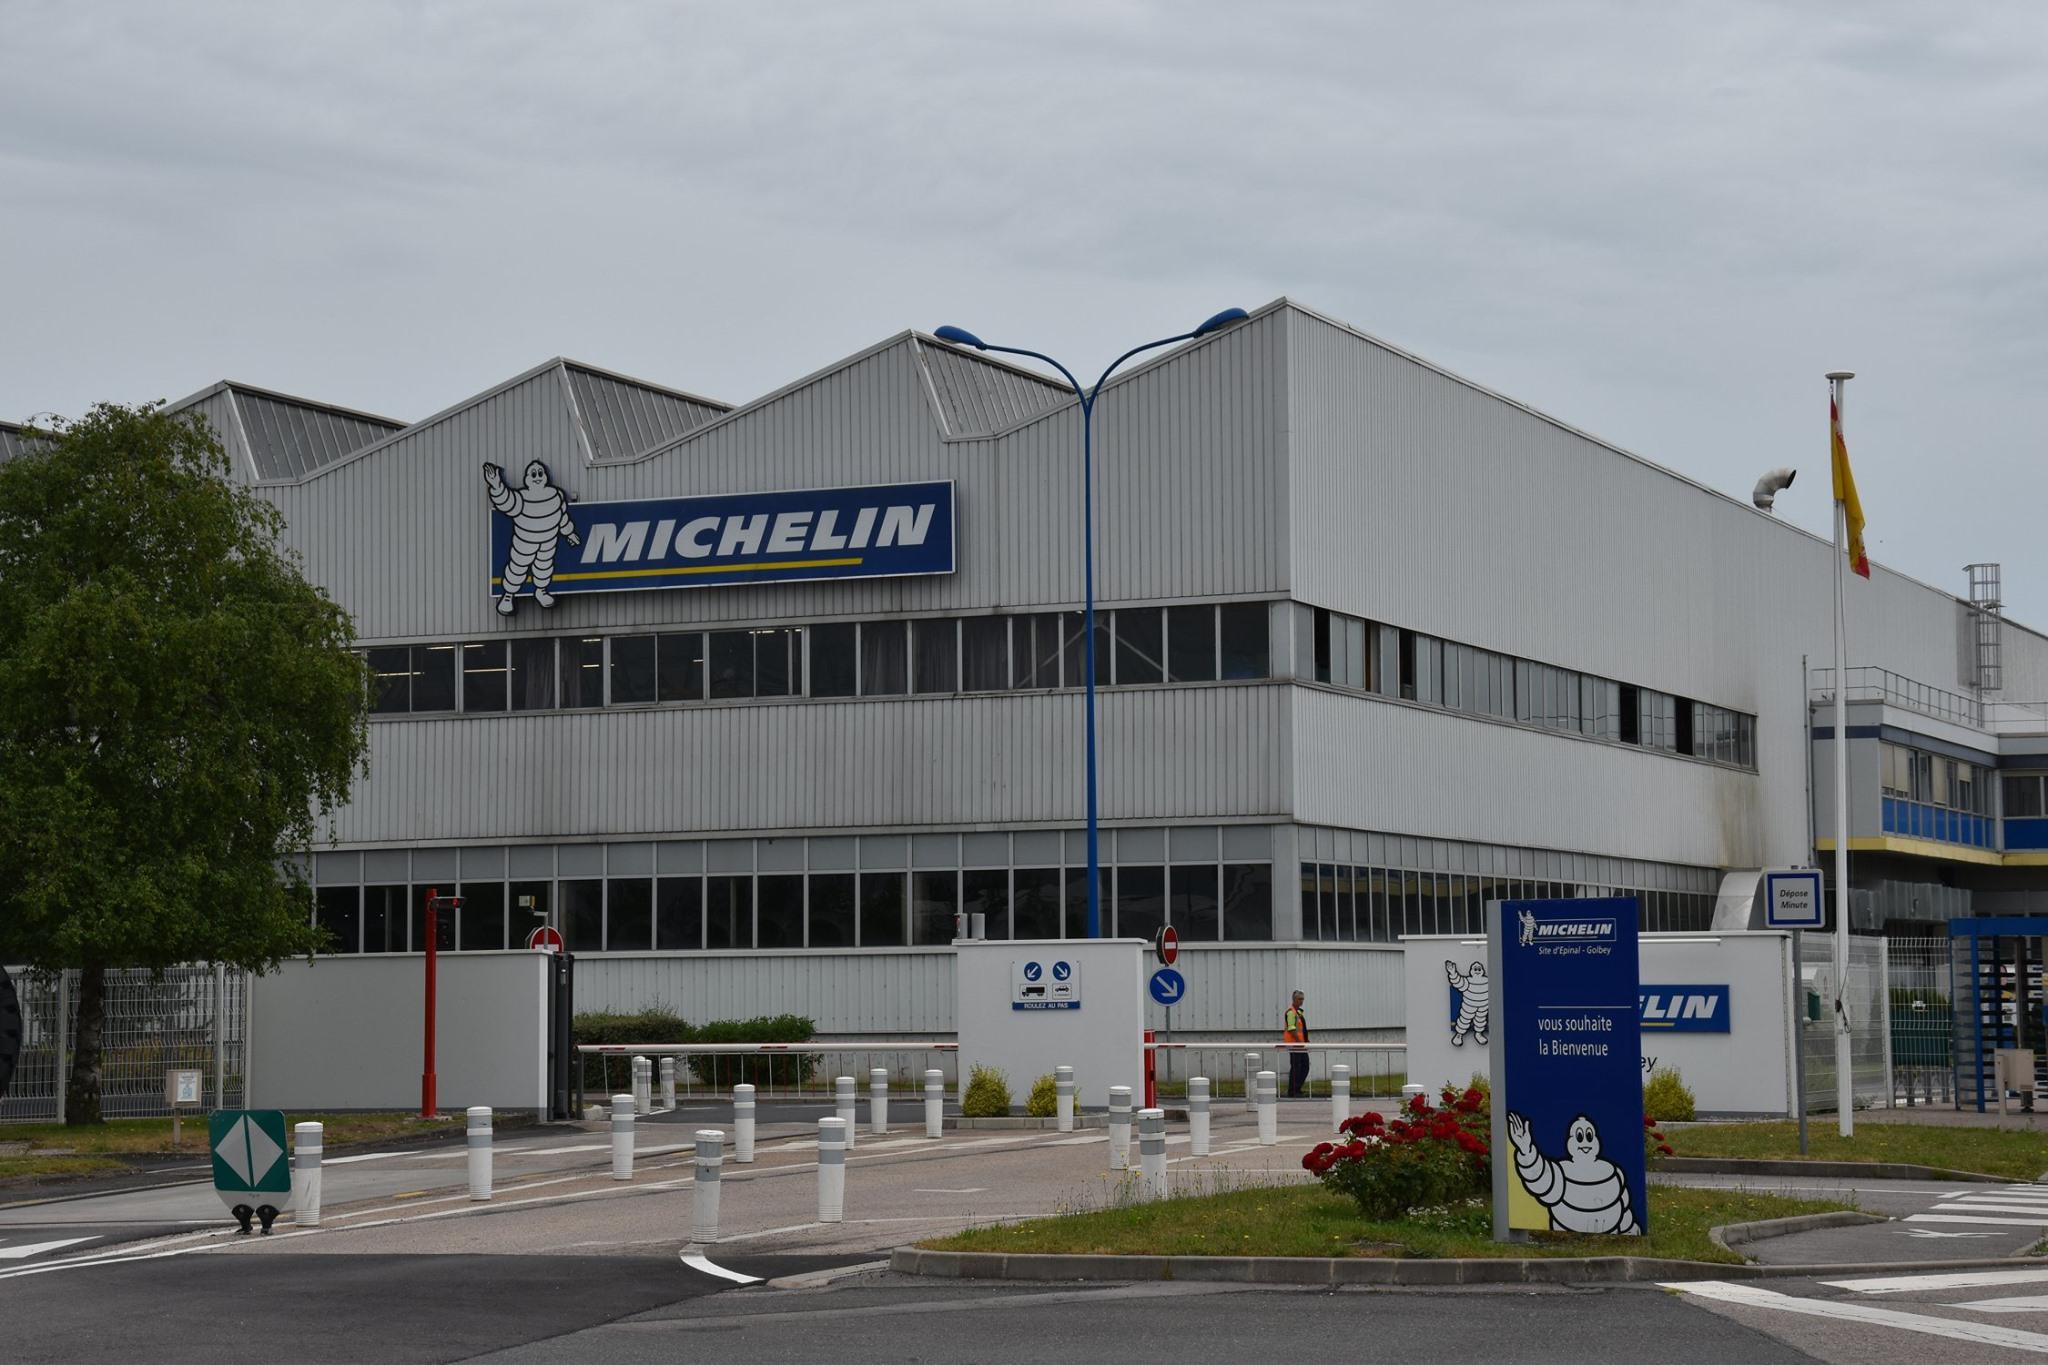 michelin-golbey2